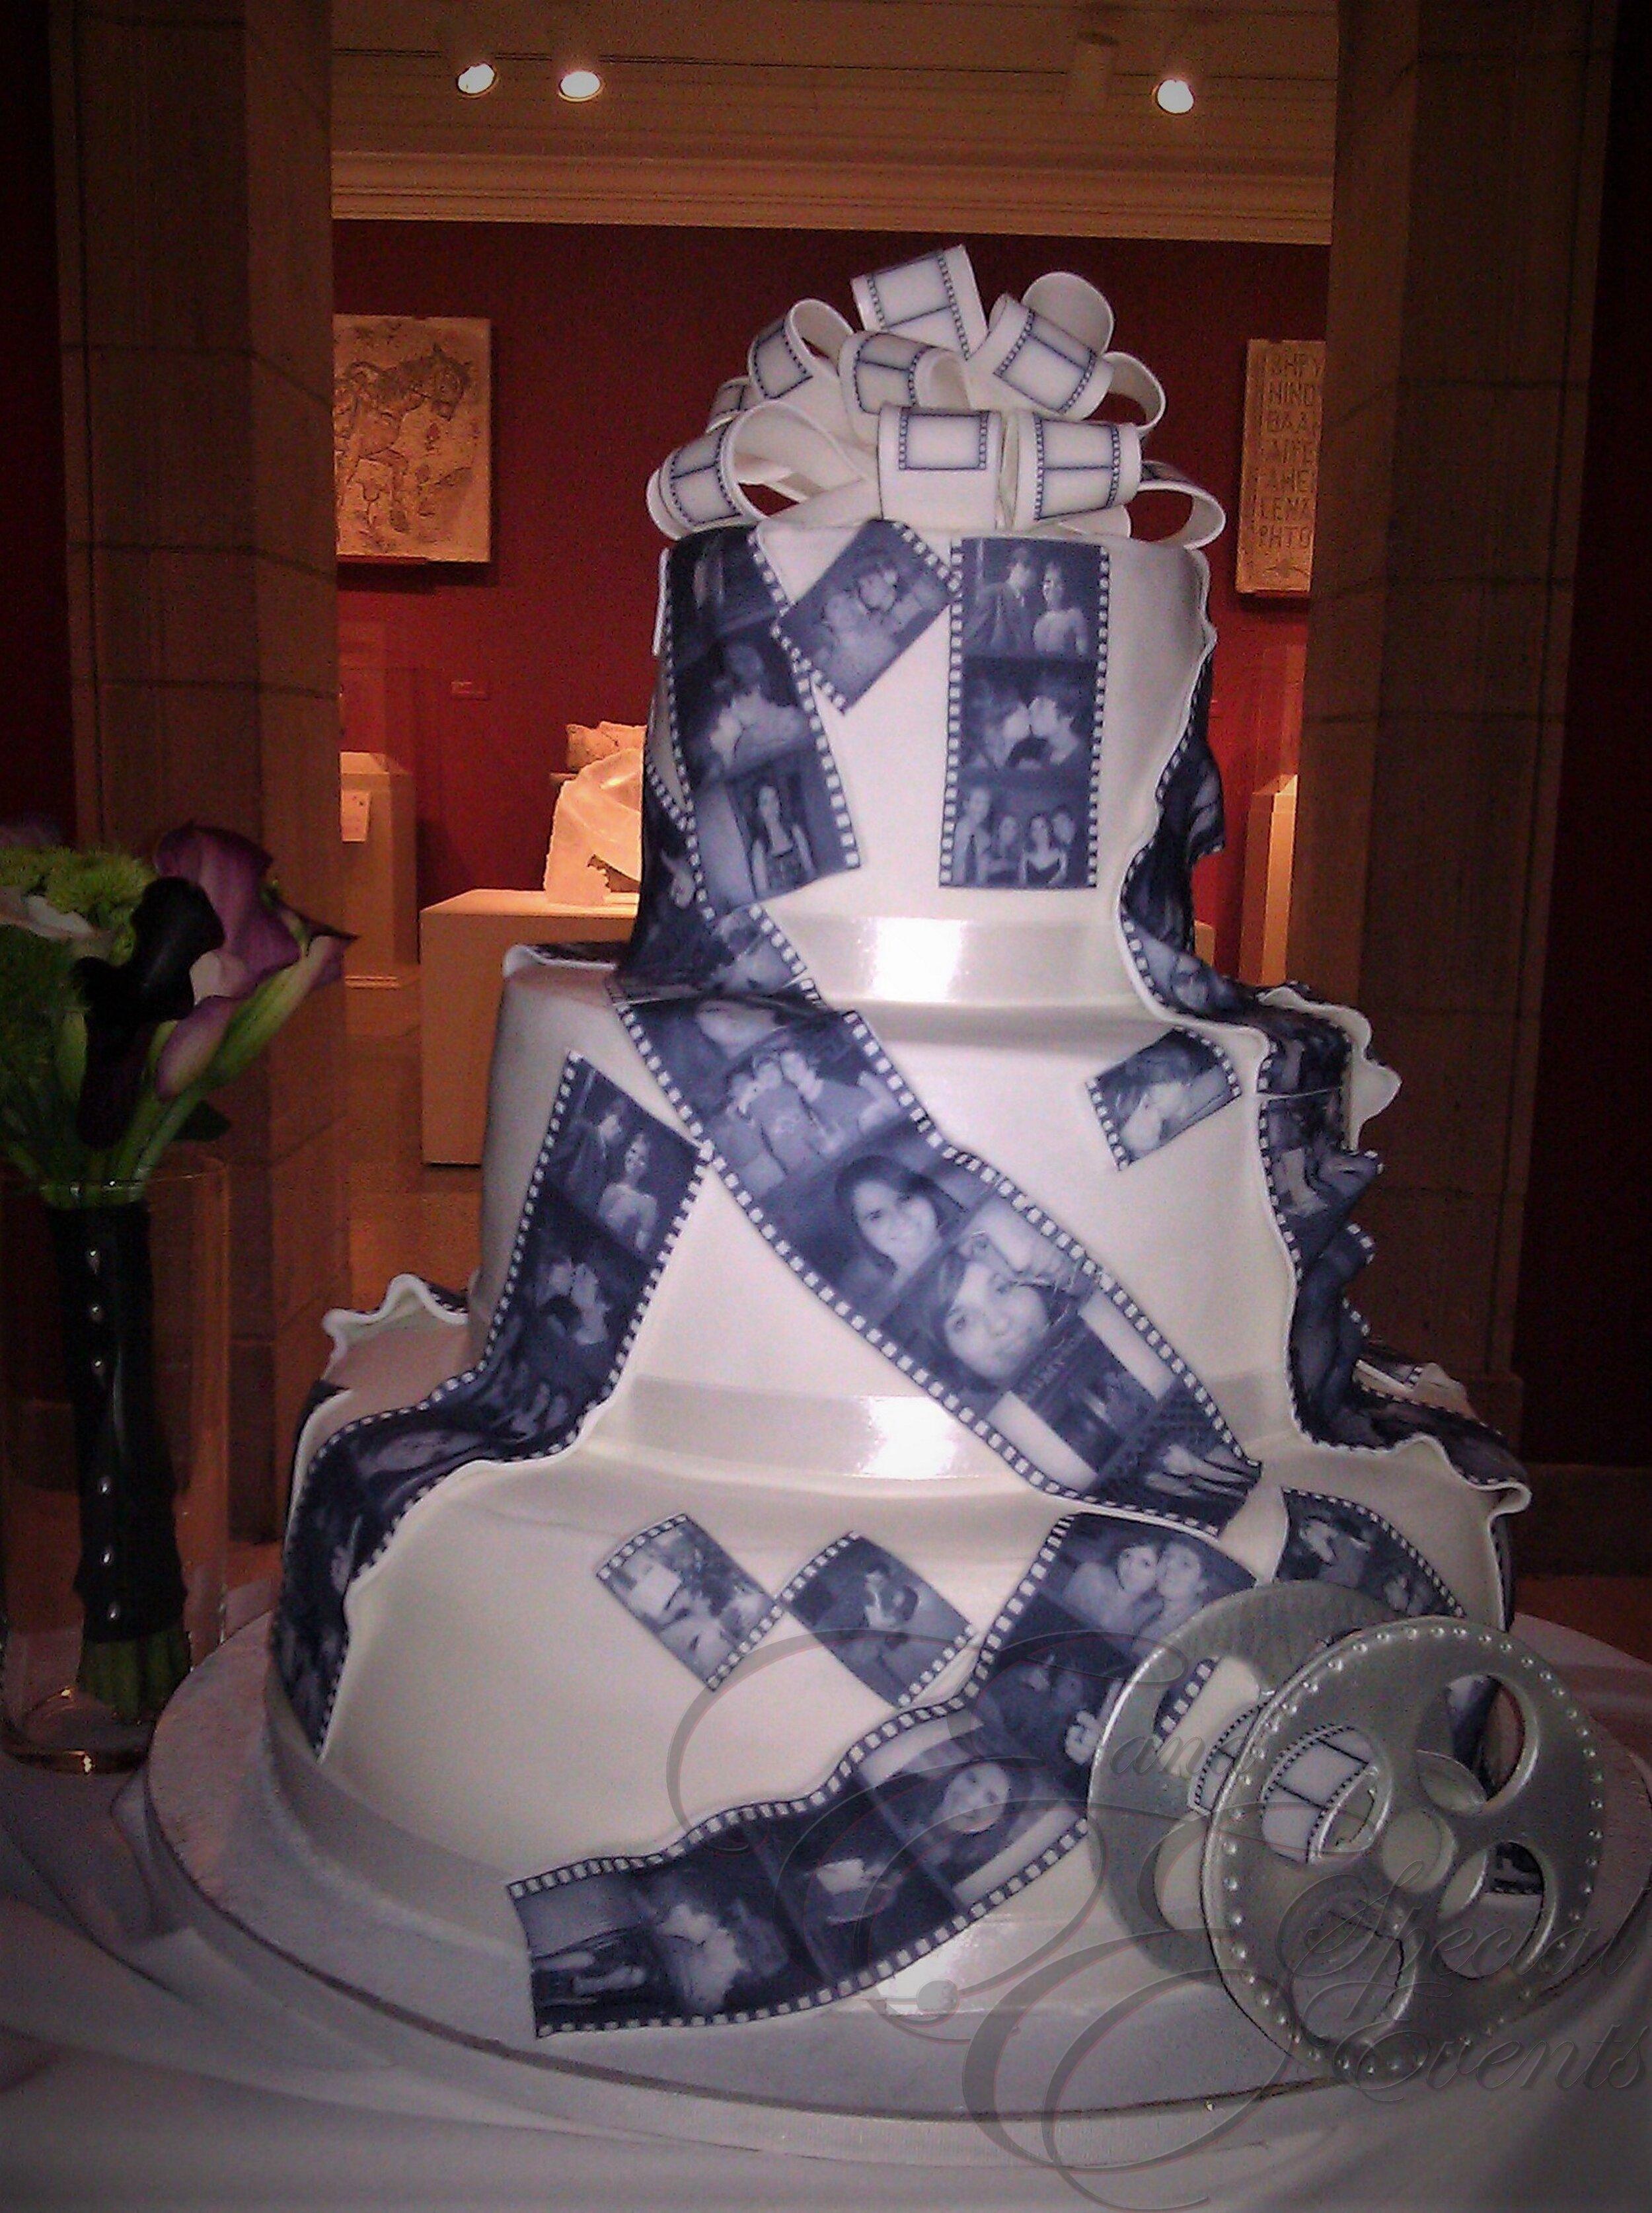 E_E_Special_Events_Unique_Wedding_Cakes_Virginia_Beach_Hampton_Roads23.jpg